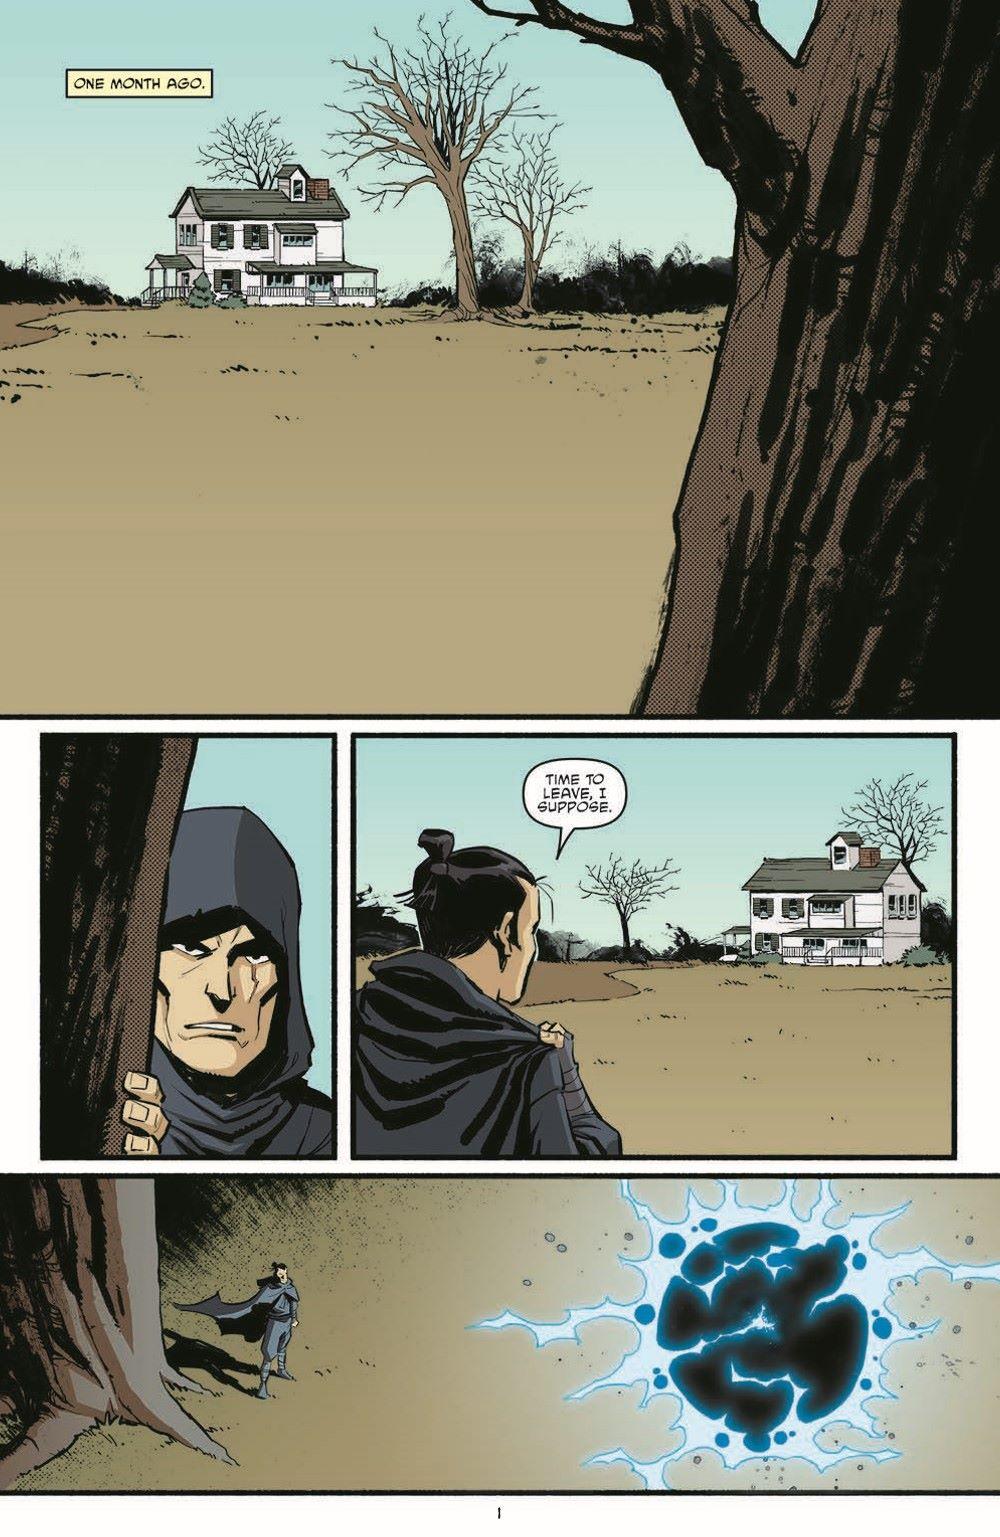 TMNT118_pr-3 ComicList Previews: TEENAGE MUTANT NINJA TURTLES #118